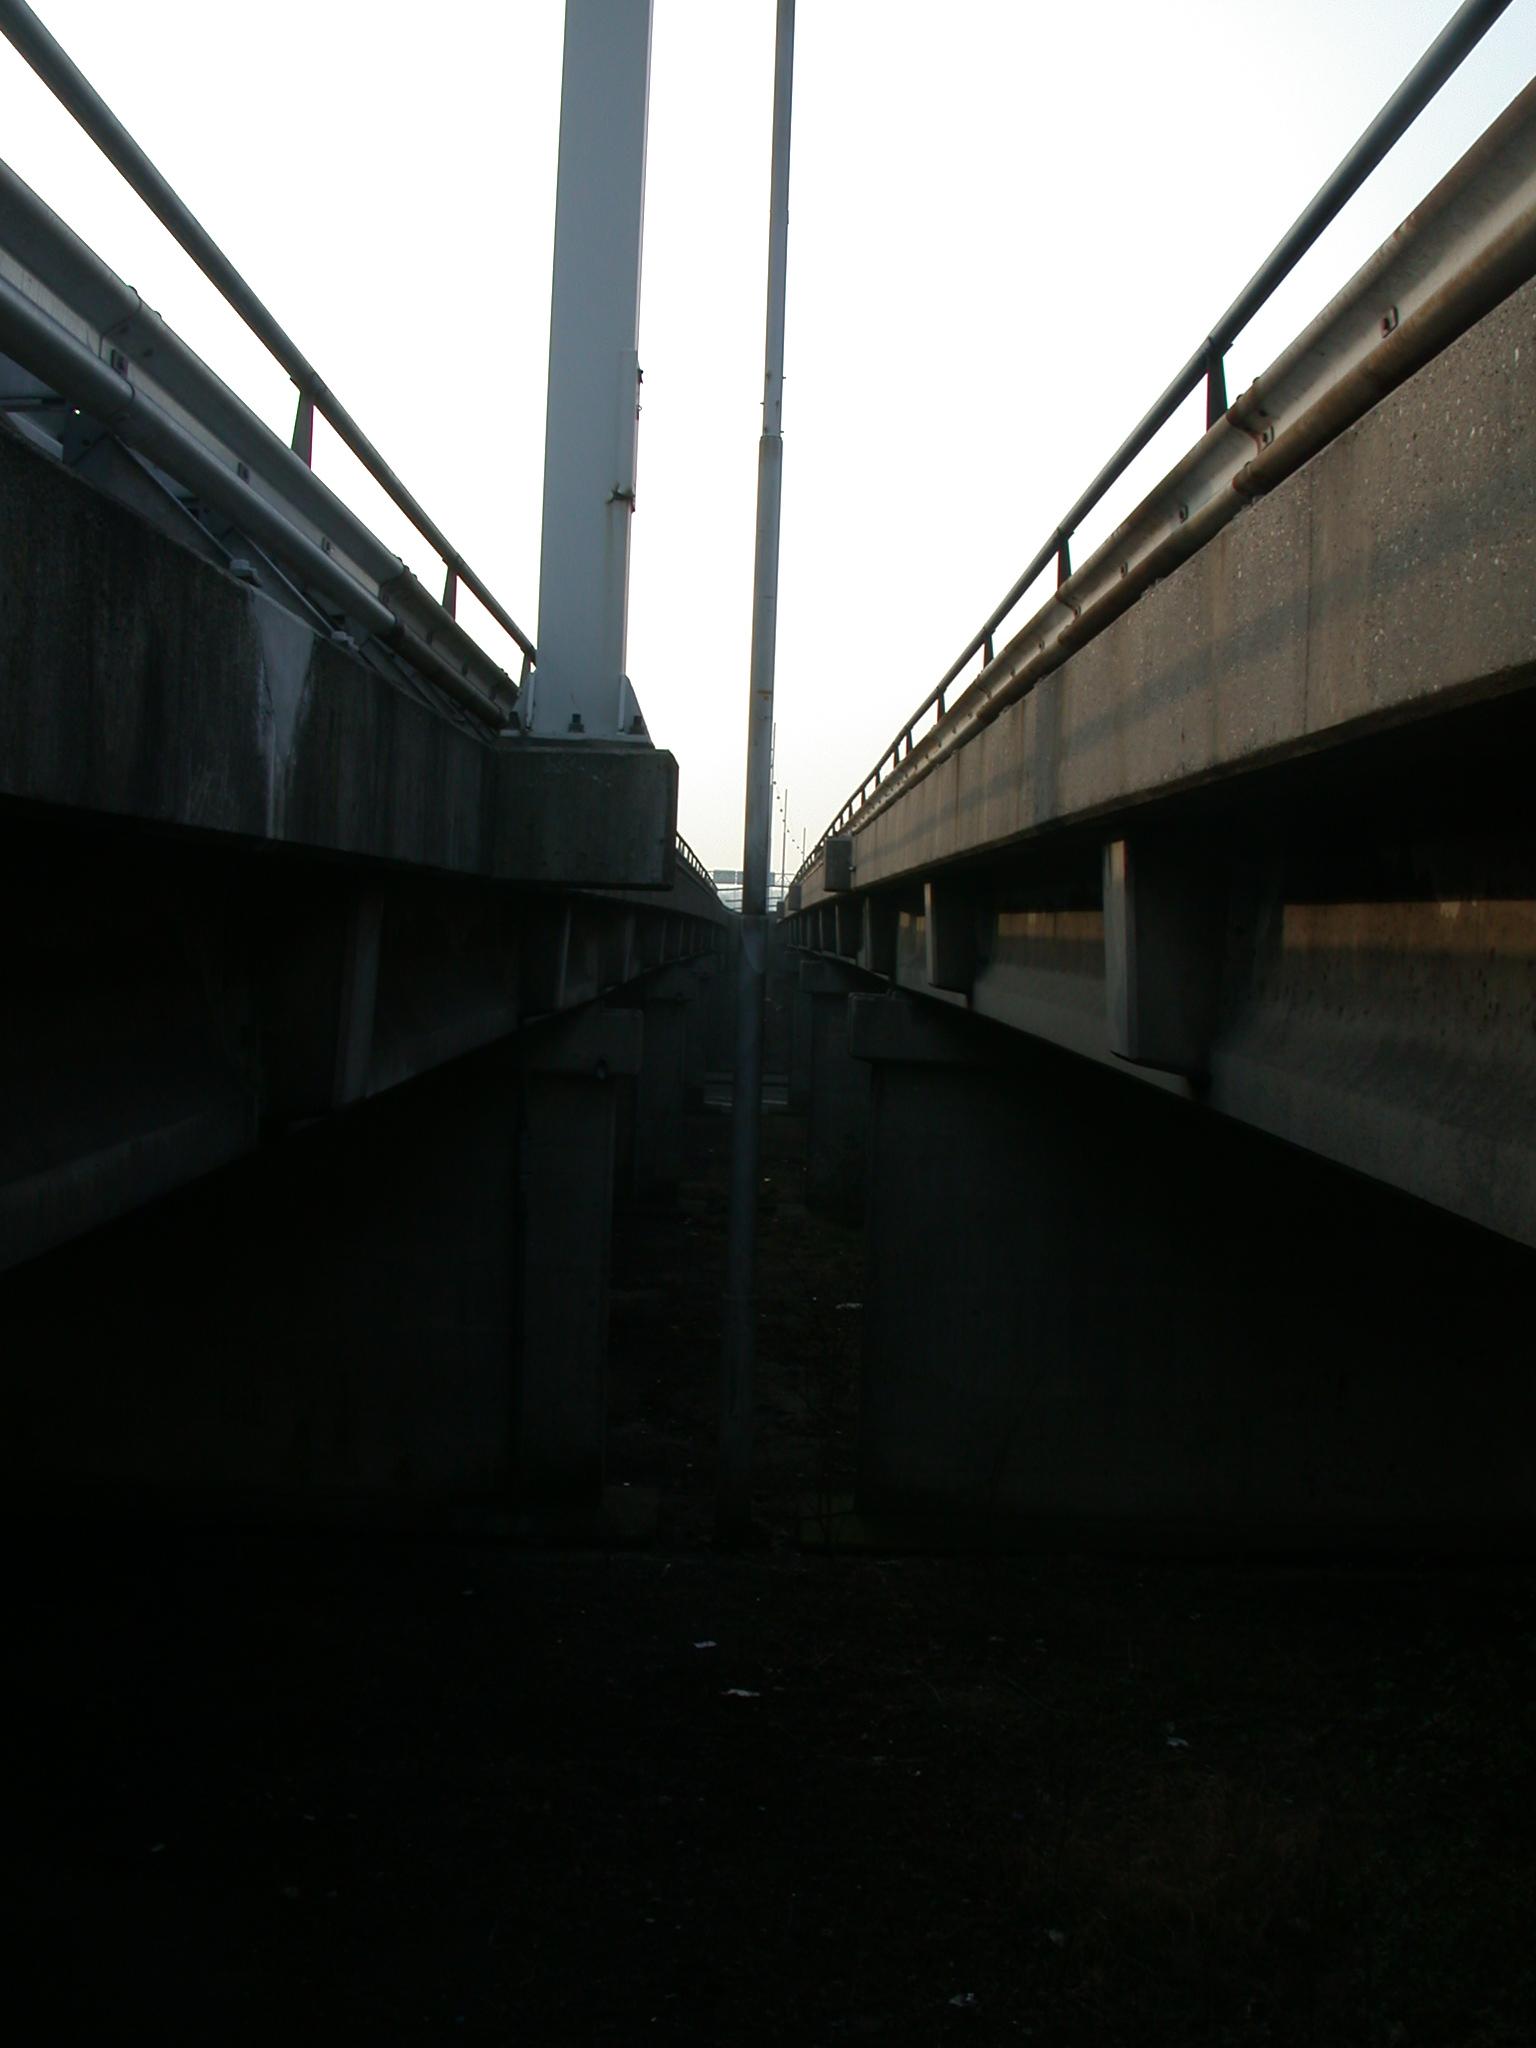 architecture exteriors bridge bridges traffic